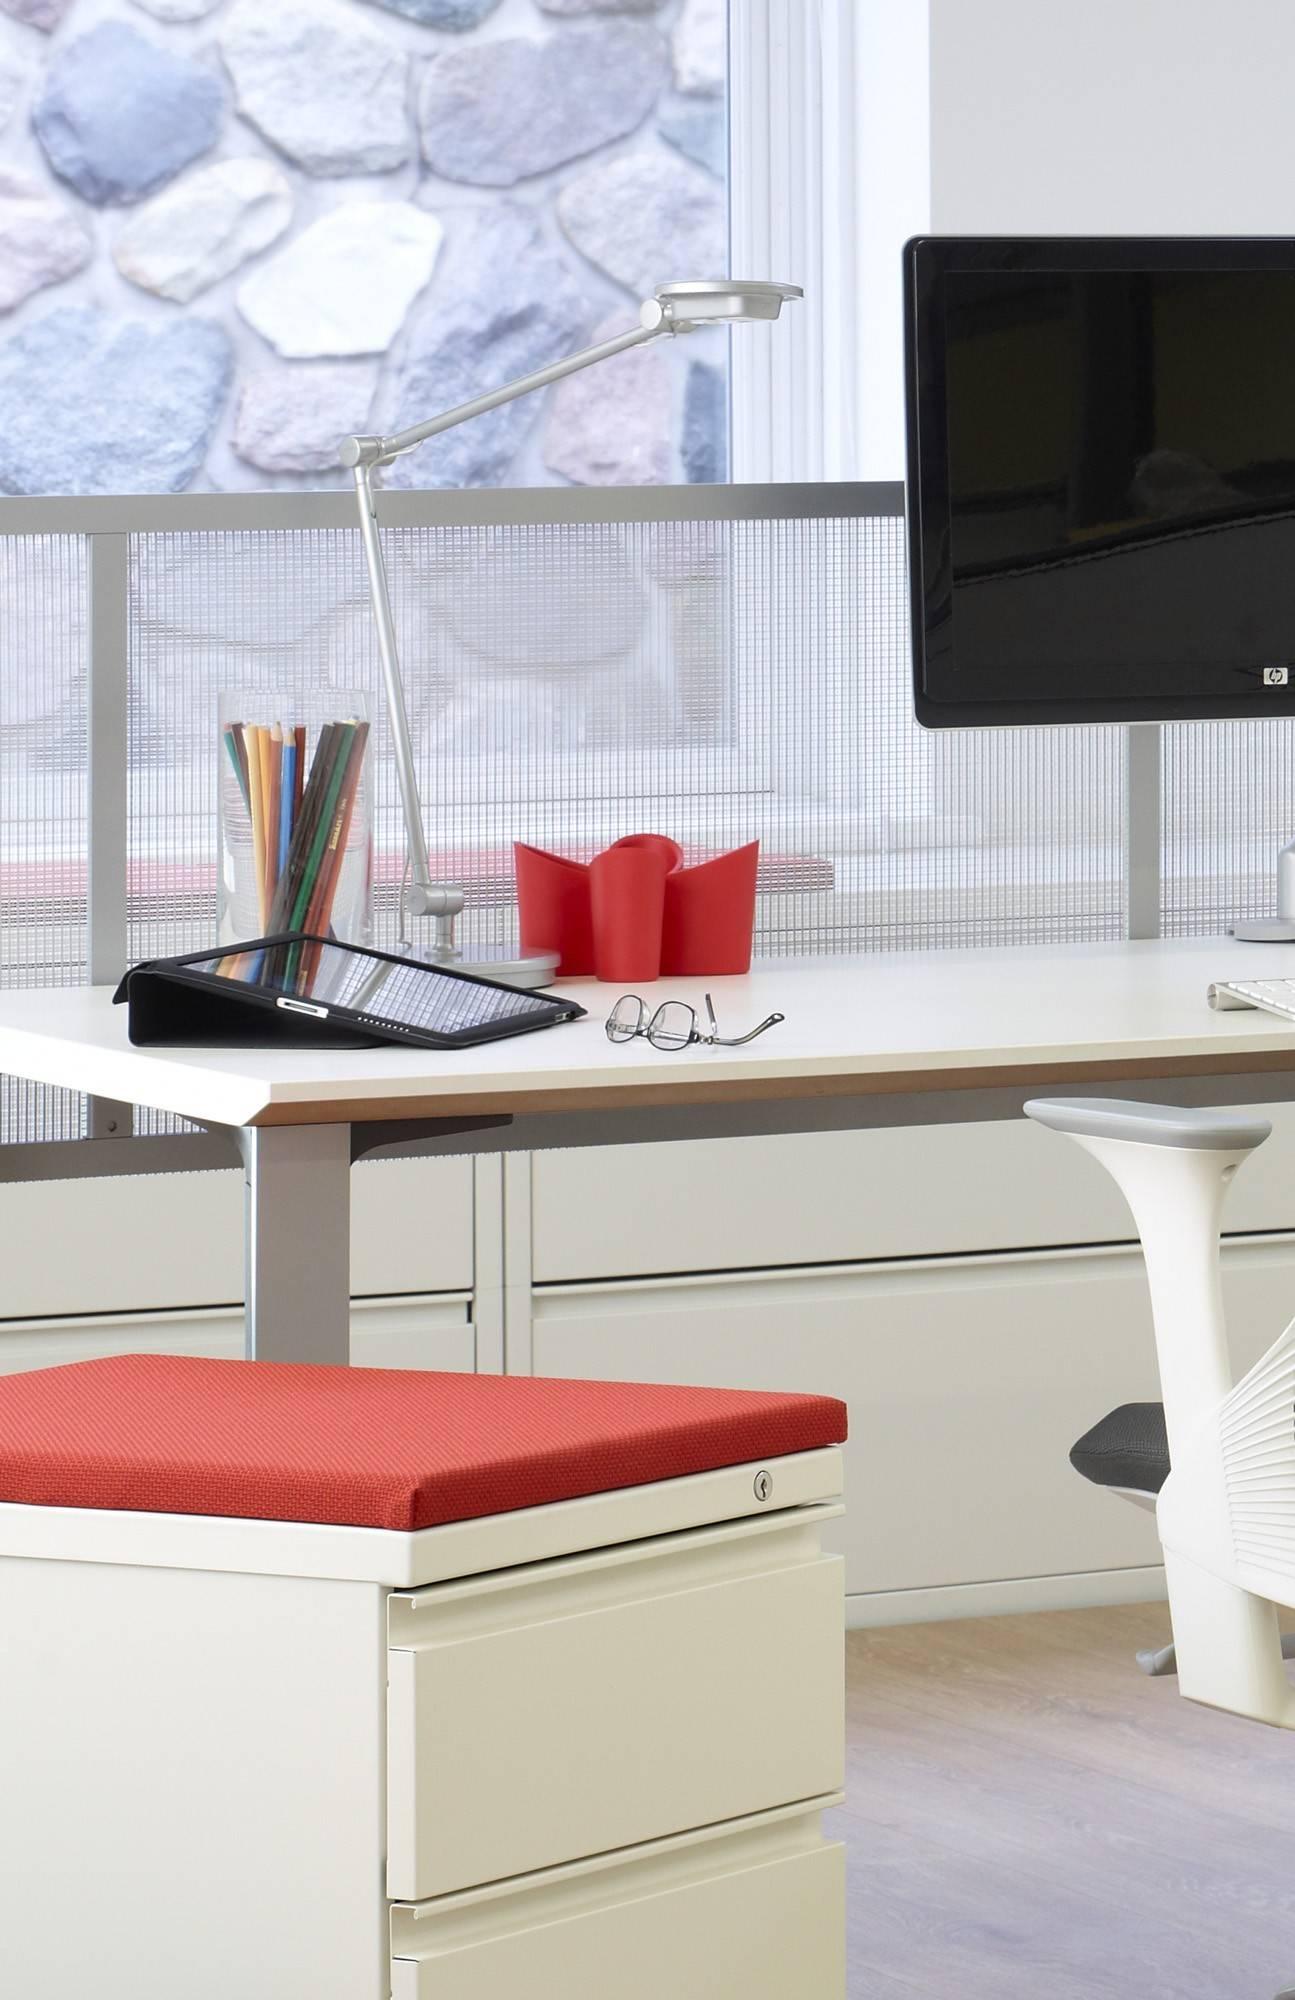 iluminação residencial com a luminária Tone em cima de uma mesa de escritório